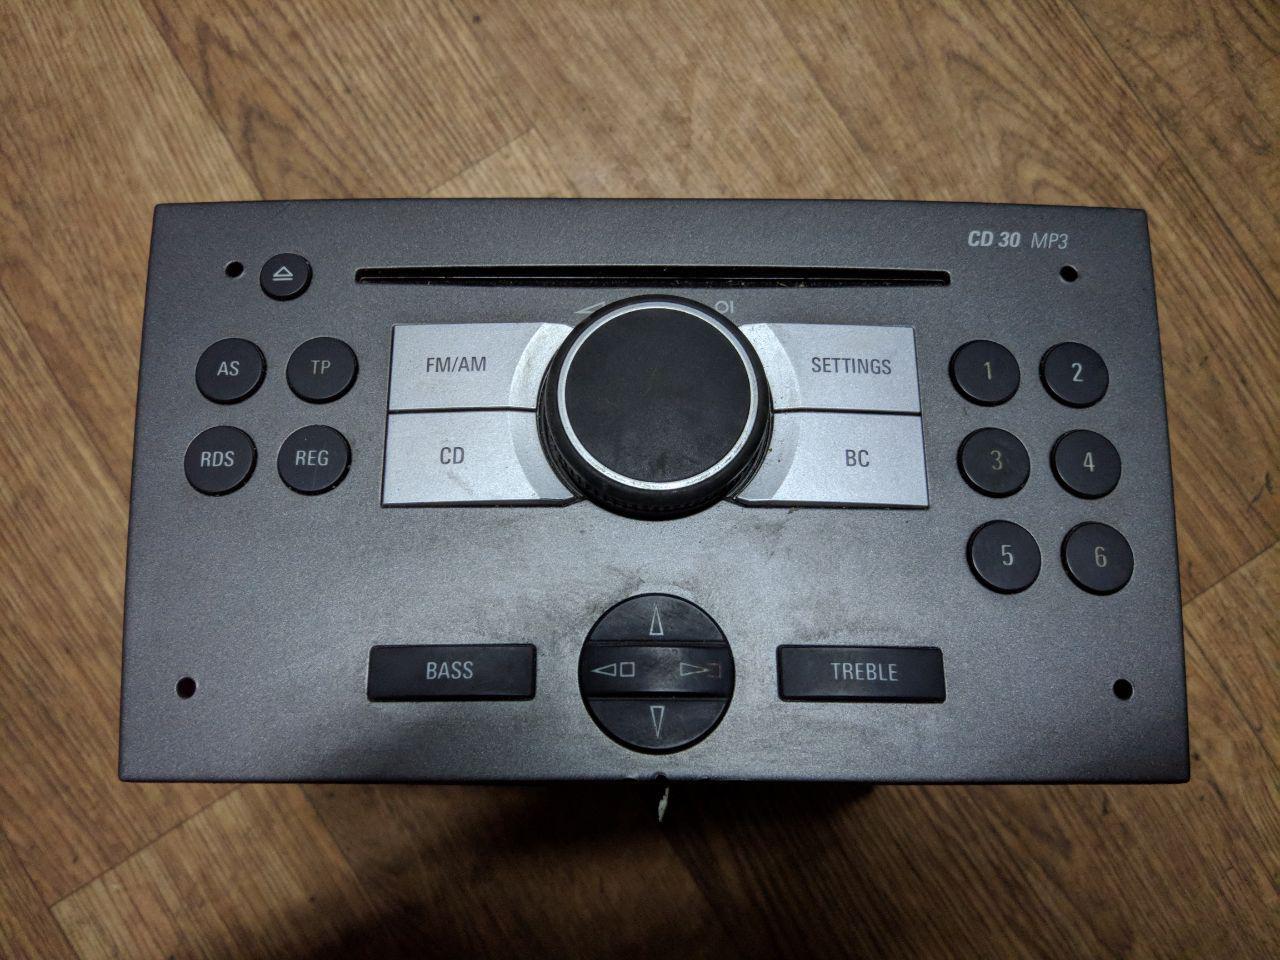 Магнітофон під AUX Opel Vivaro 2006-2014, CD-30 453116246 (Б/У)